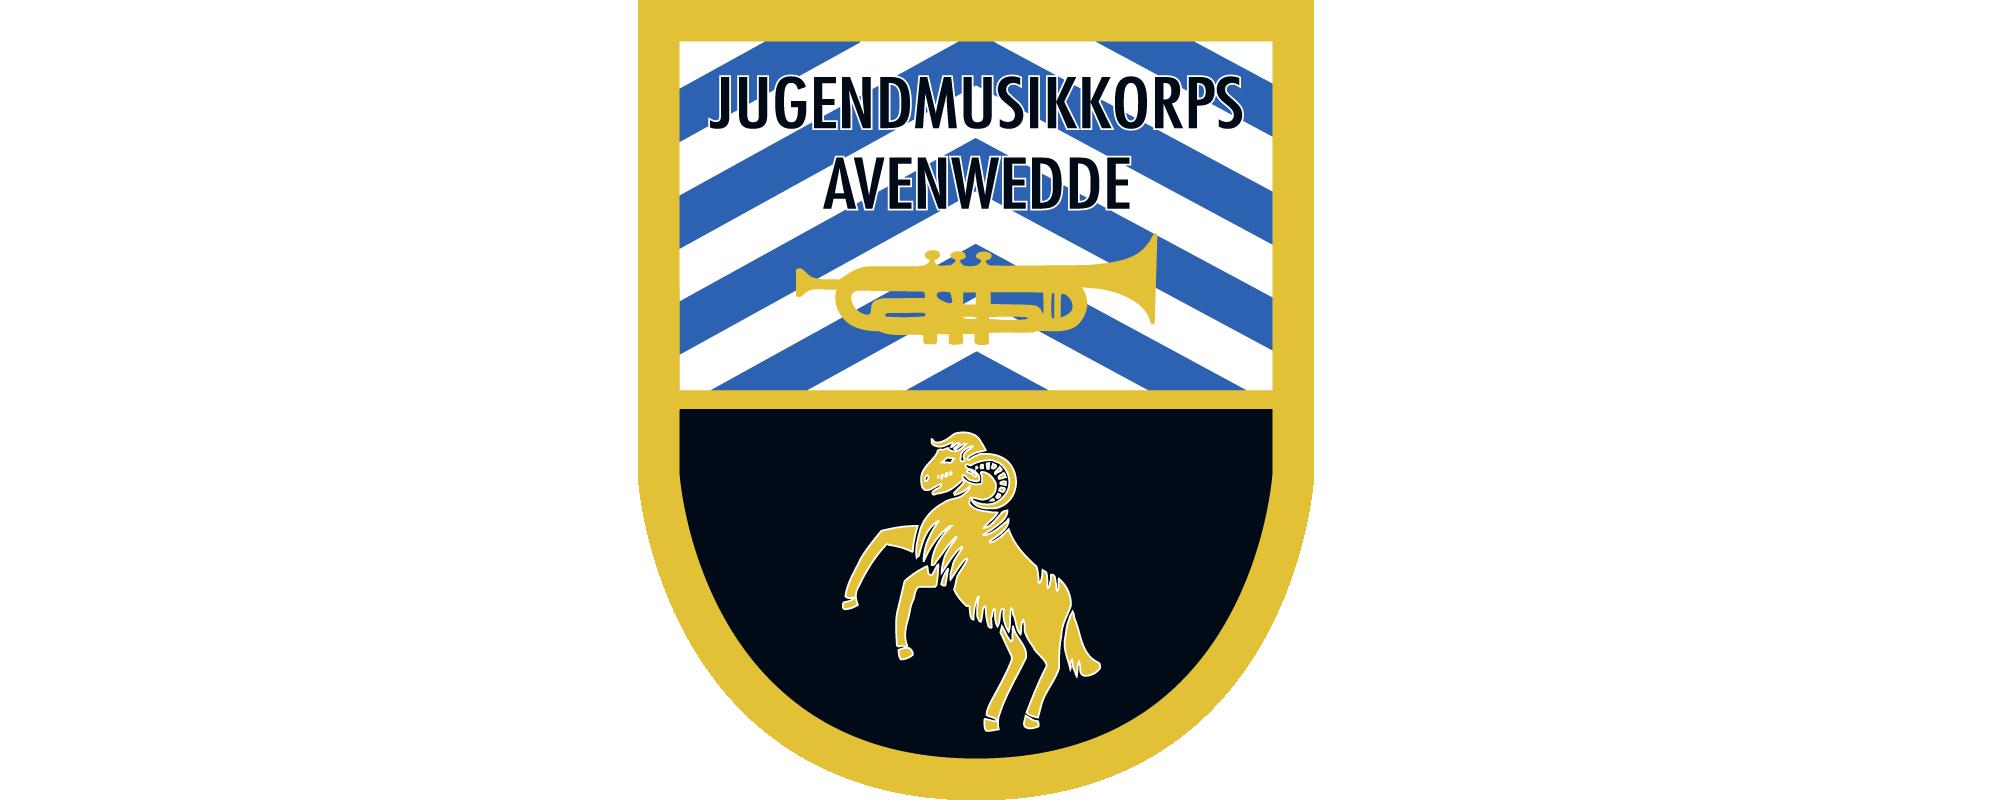 Jugendmusikkorps Avenwedde